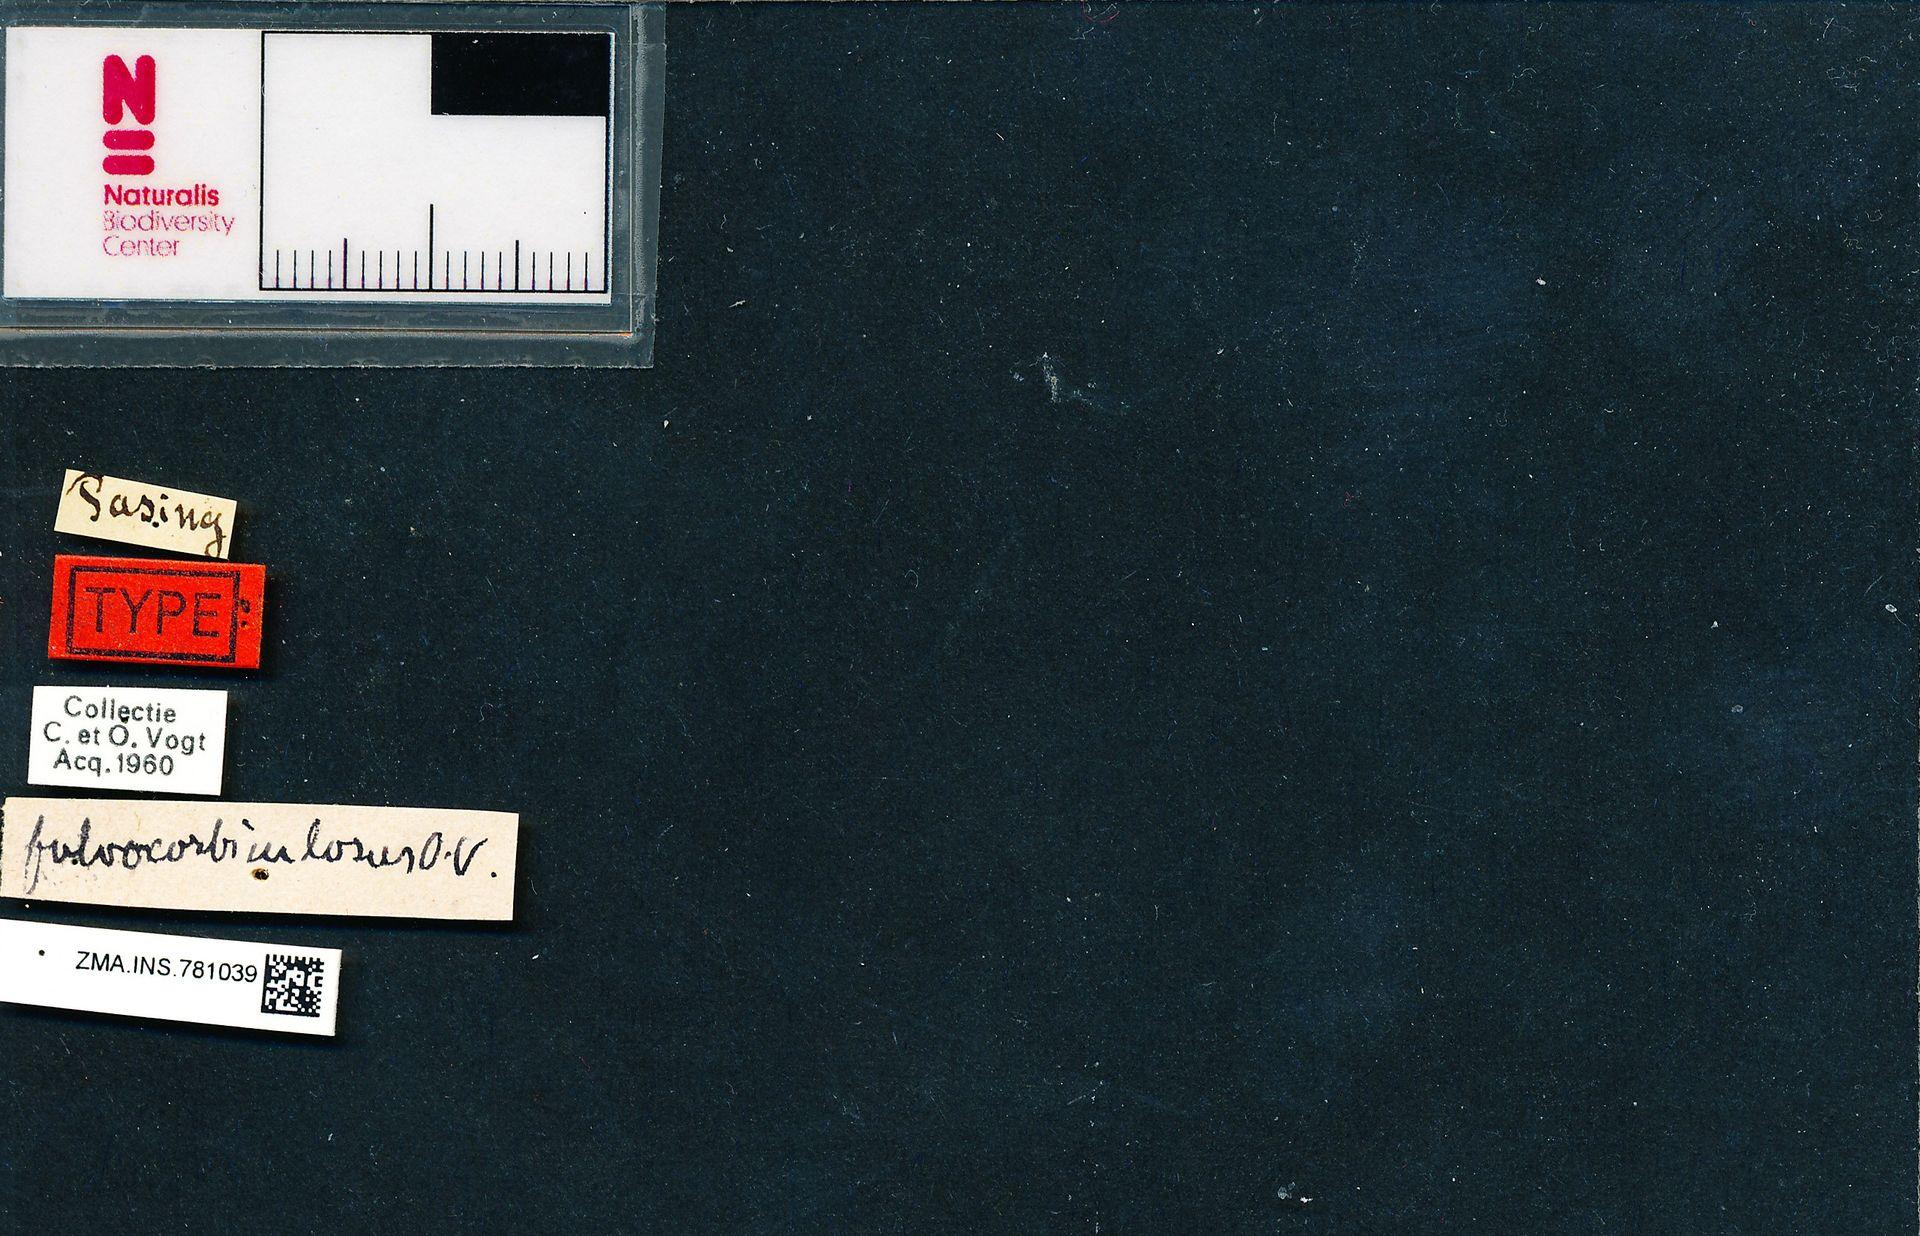 ZMA.INS.781039 | Bombus (Bombus) terrestris terrestris Vogt, i.l.